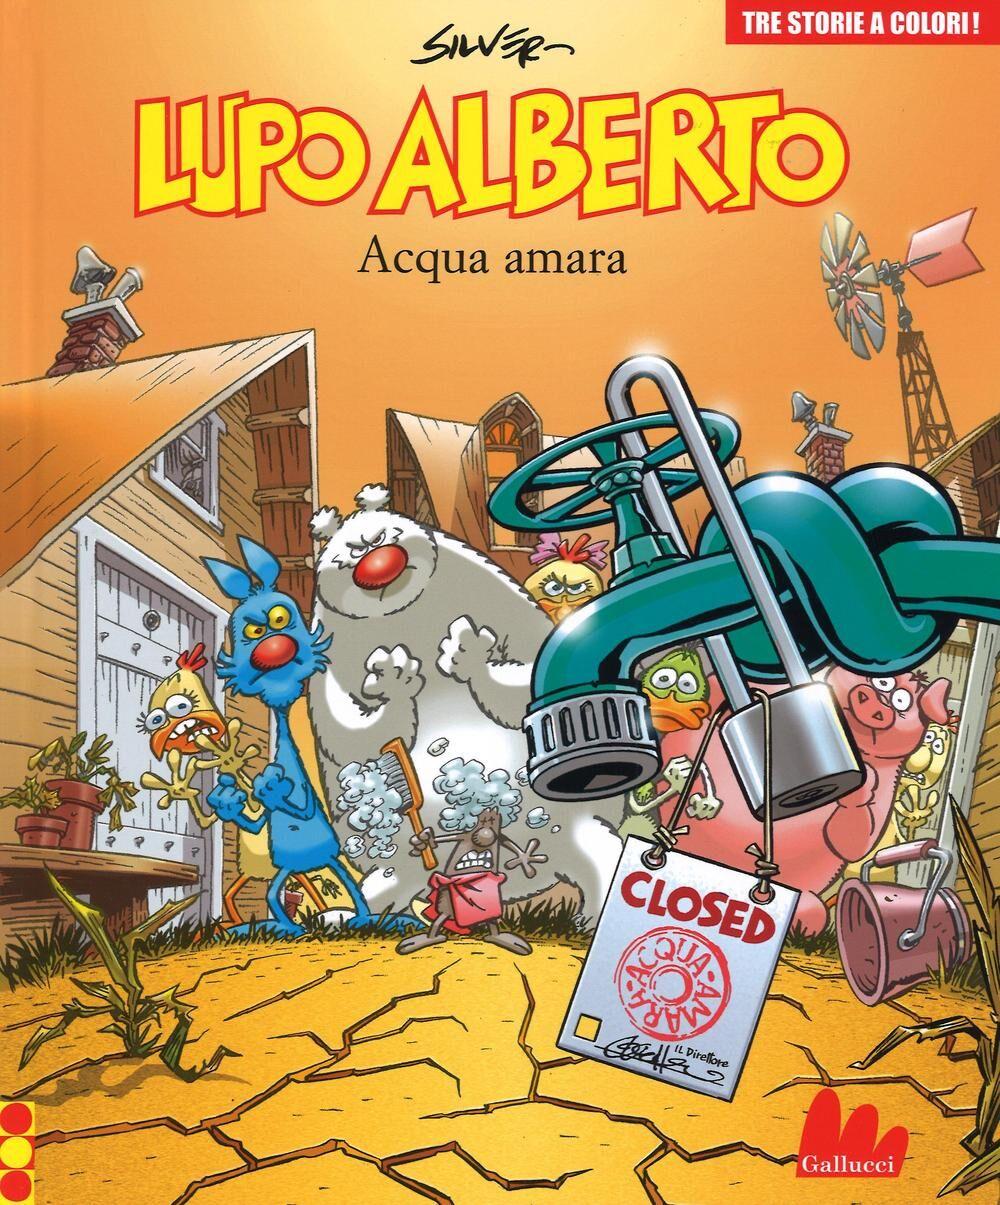 Lupo Alberto. Tre storie a colori. Acqua amara. Vol. 9